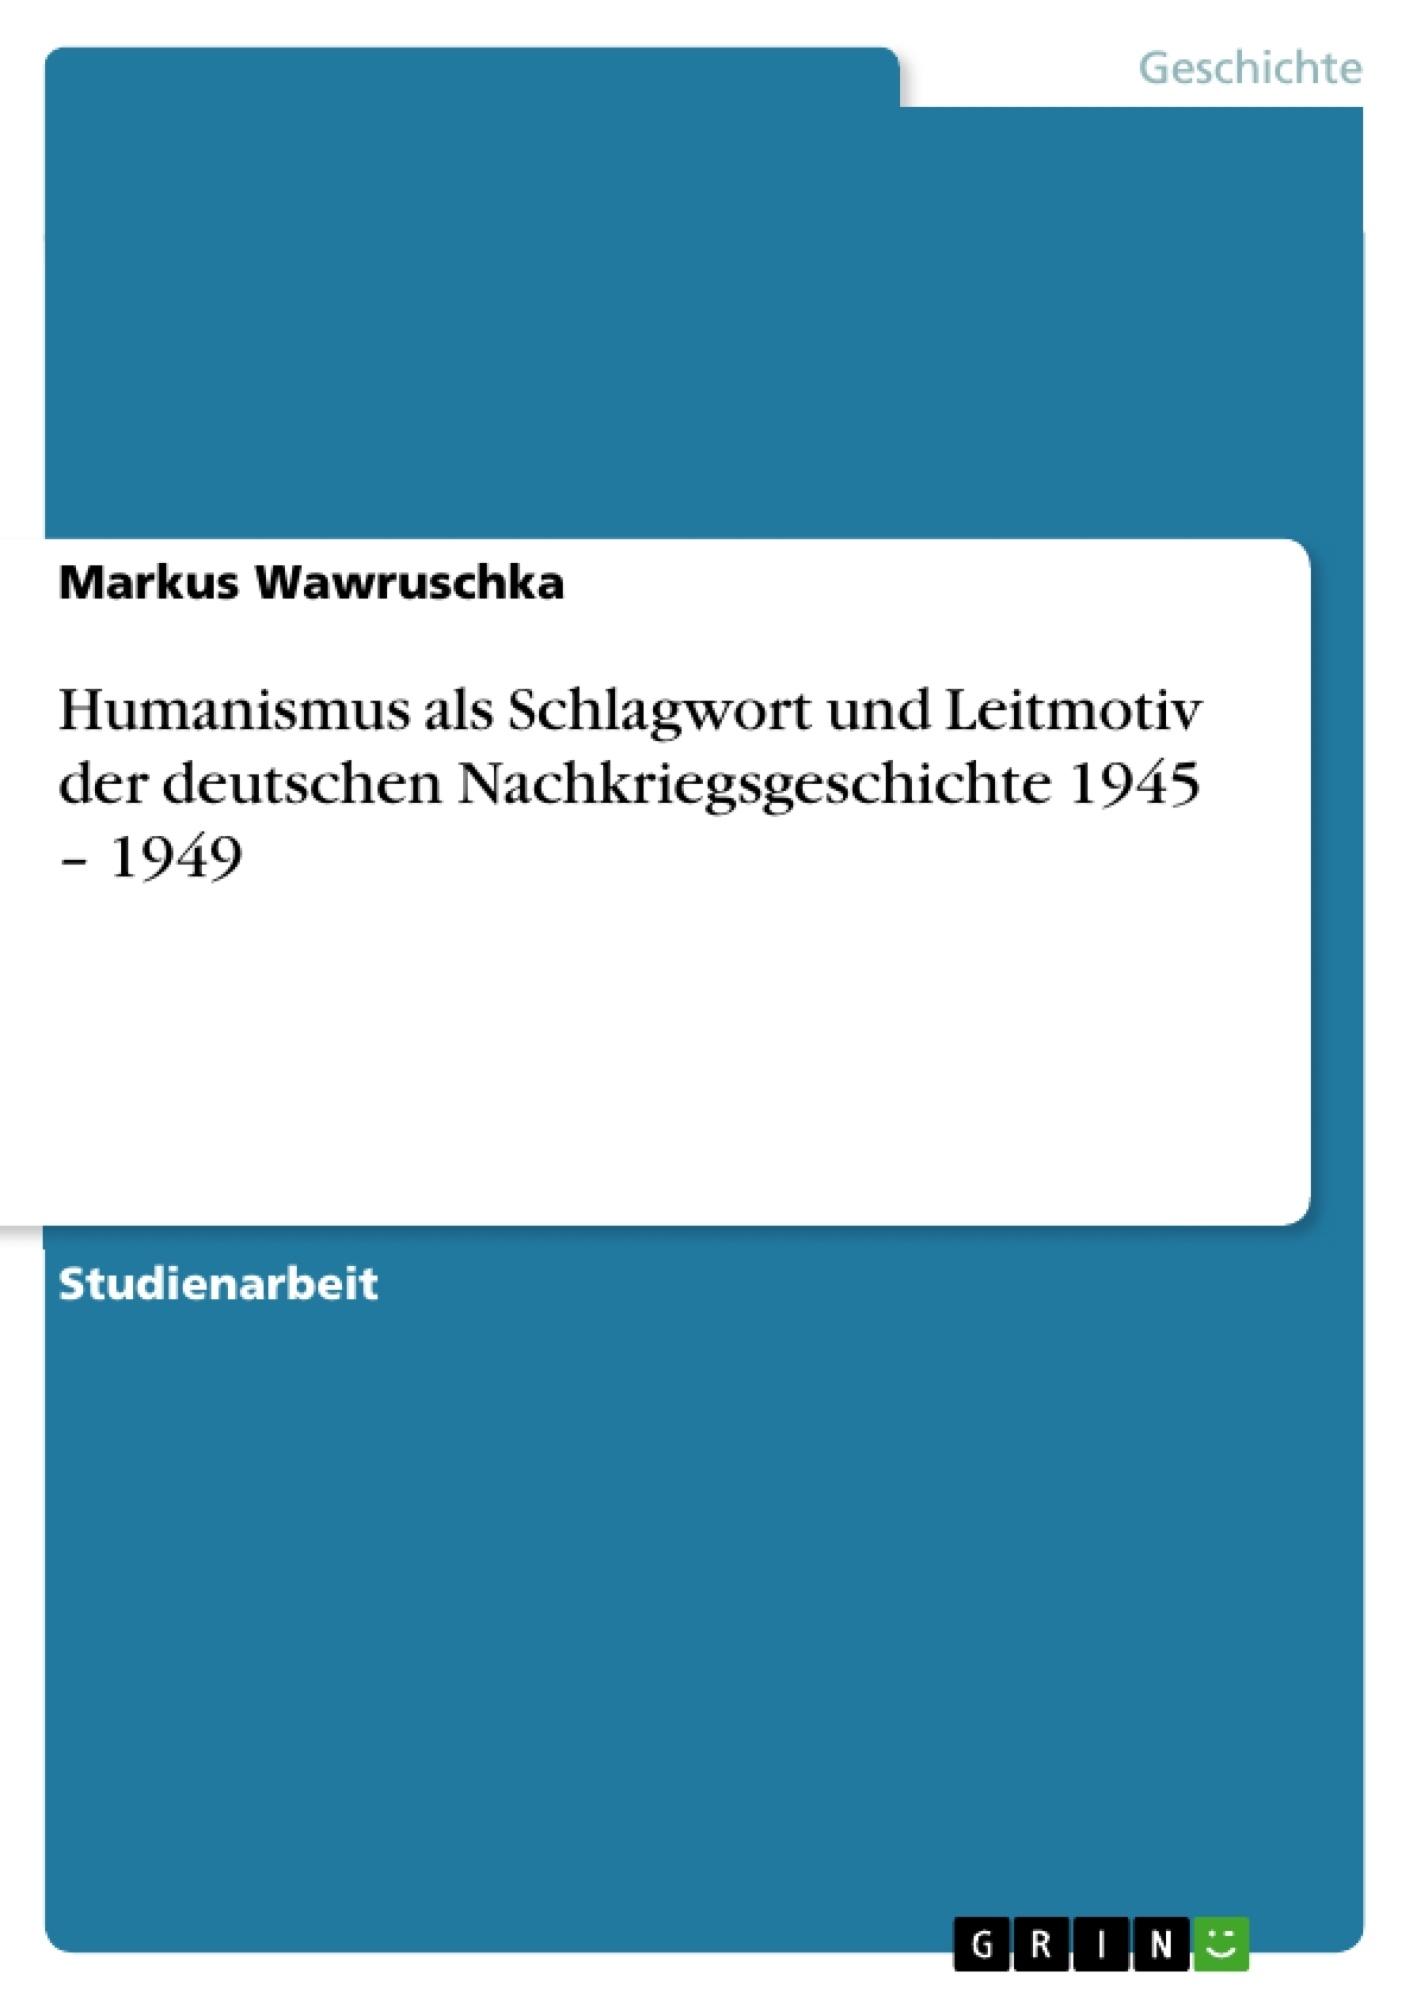 Titel: Humanismus als Schlagwort und Leitmotiv der deutschen Nachkriegsgeschichte 1945 – 1949